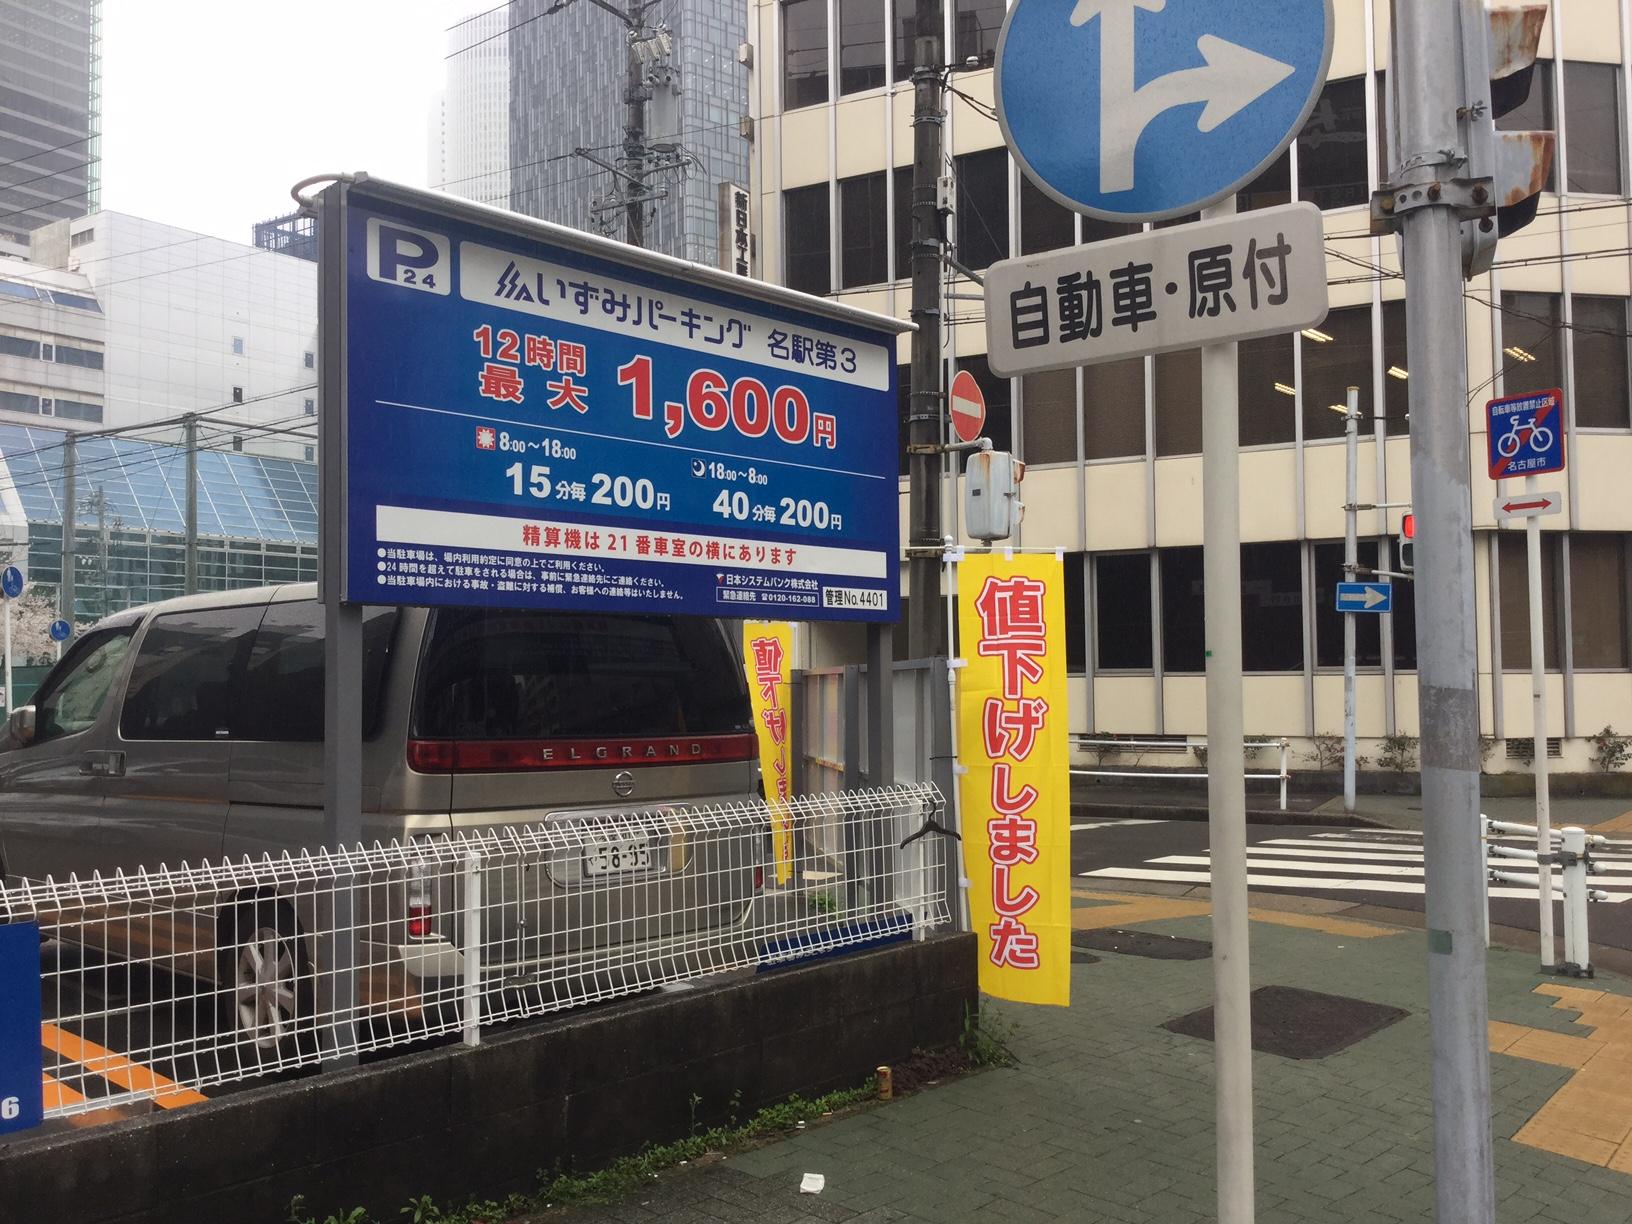 いずみパーキング名駅第3